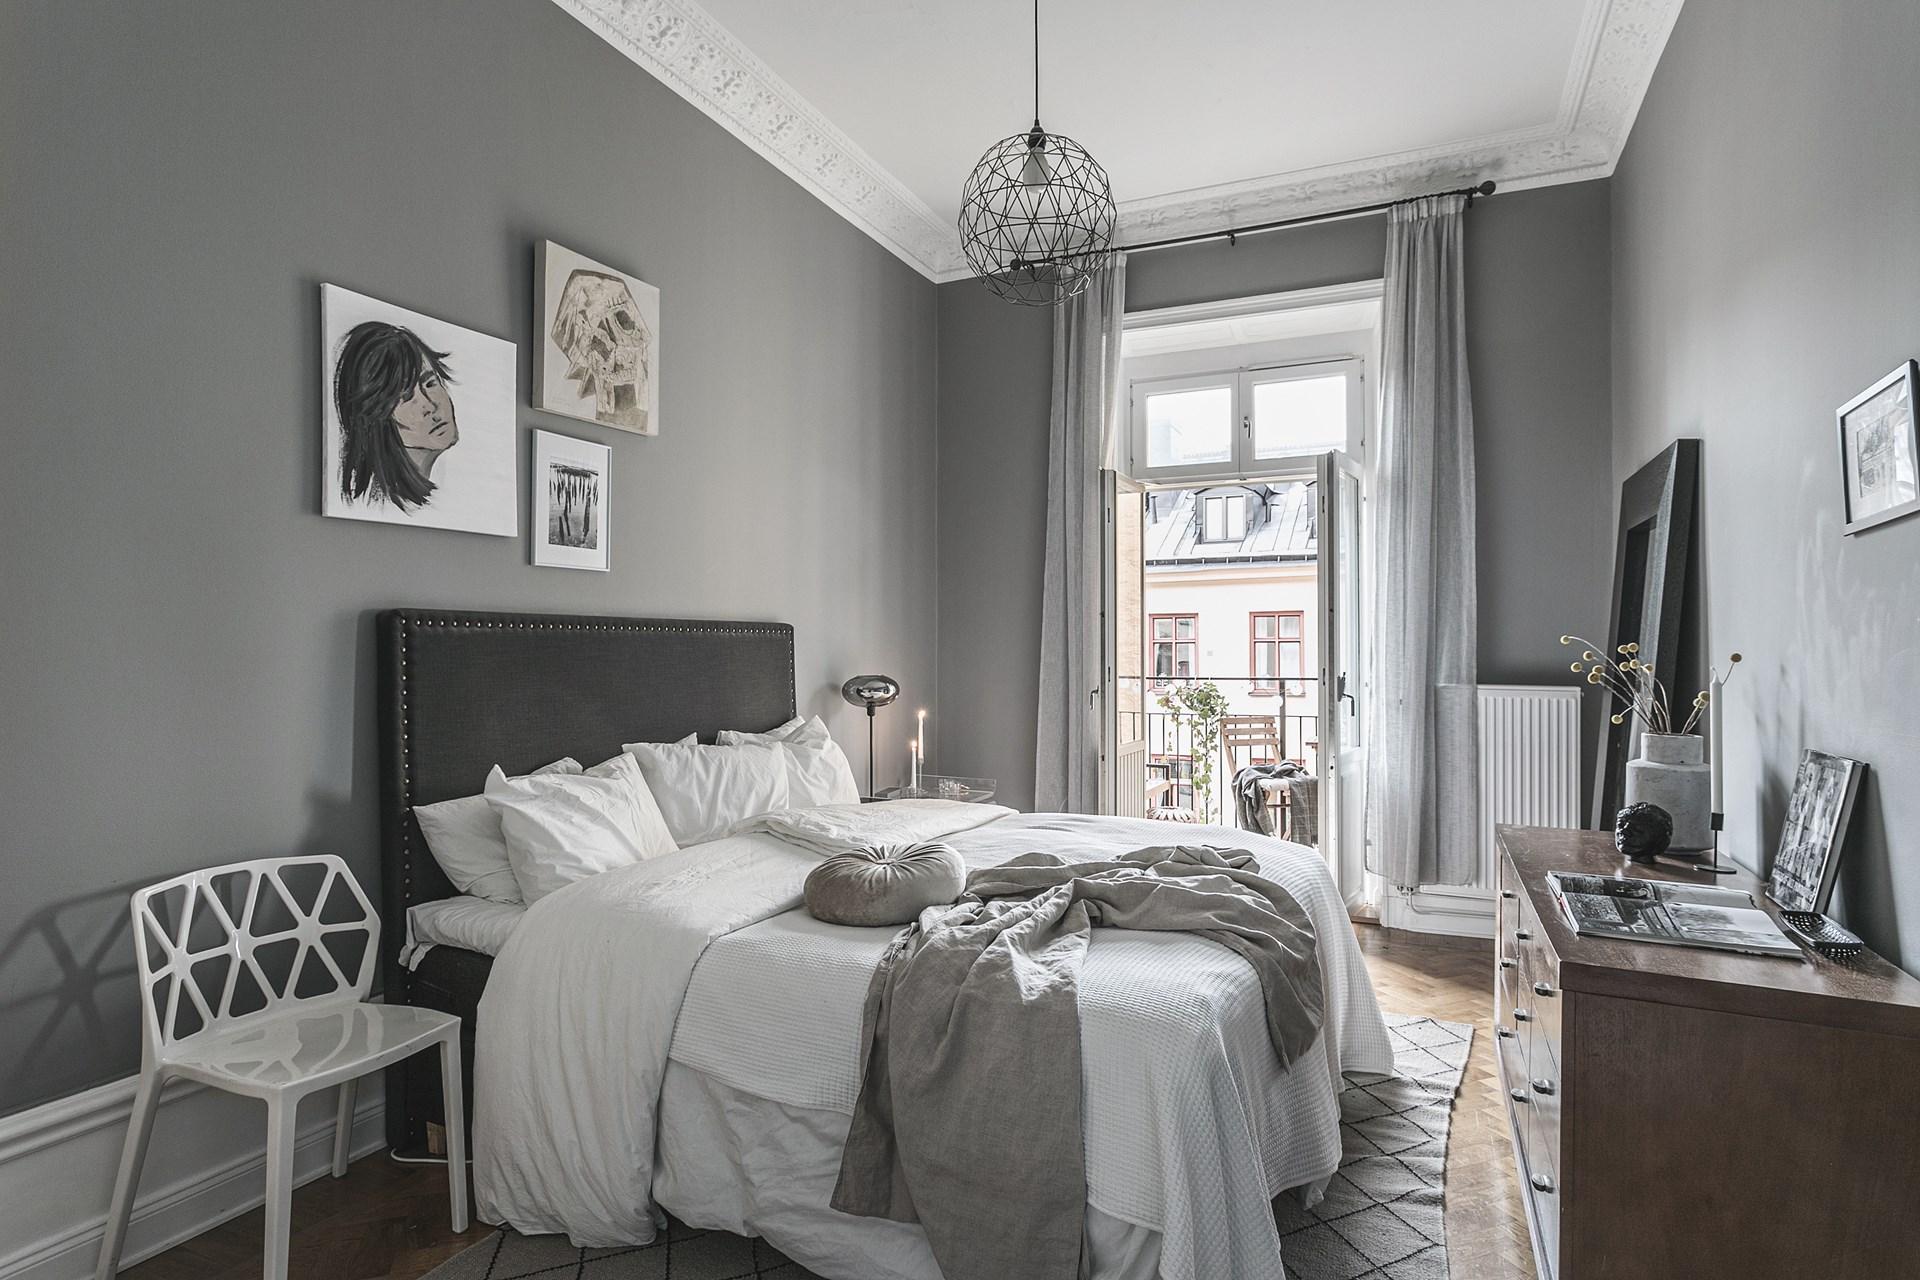 квартира 89 квм спальня с балконом